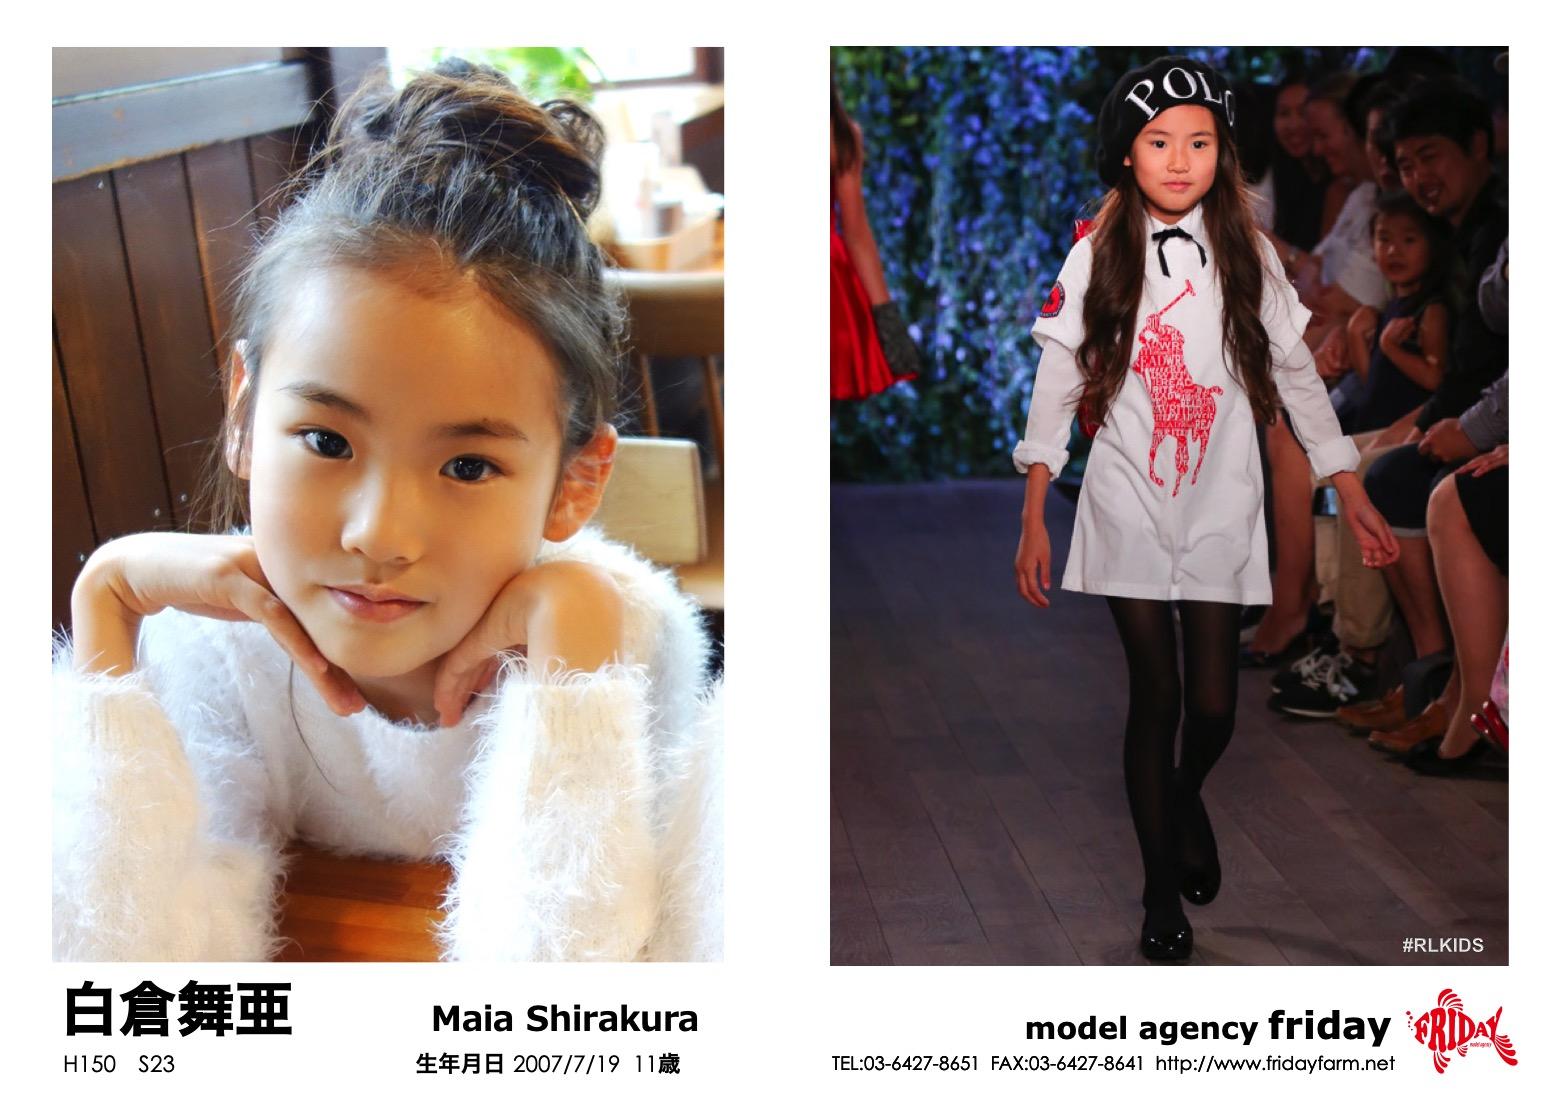 白倉 舞亜 - Maia Shirakura   model agency friday